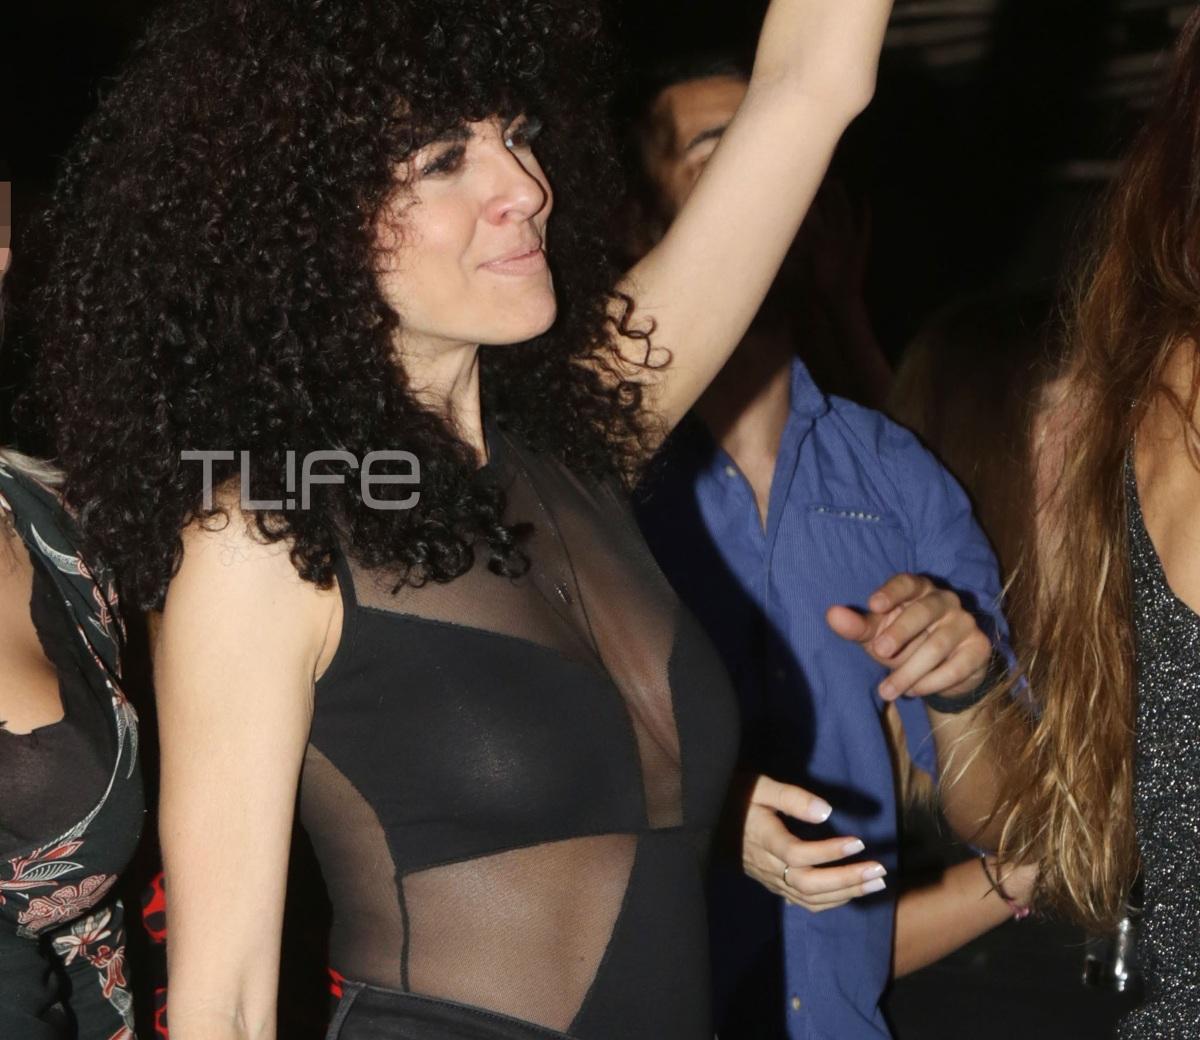 Μαρία Σολωμού: Ξεφάντωσε στο ρεβεγιόν με το πιο trendy και αποκαλυπτικό body που έχεις δει! [pics]